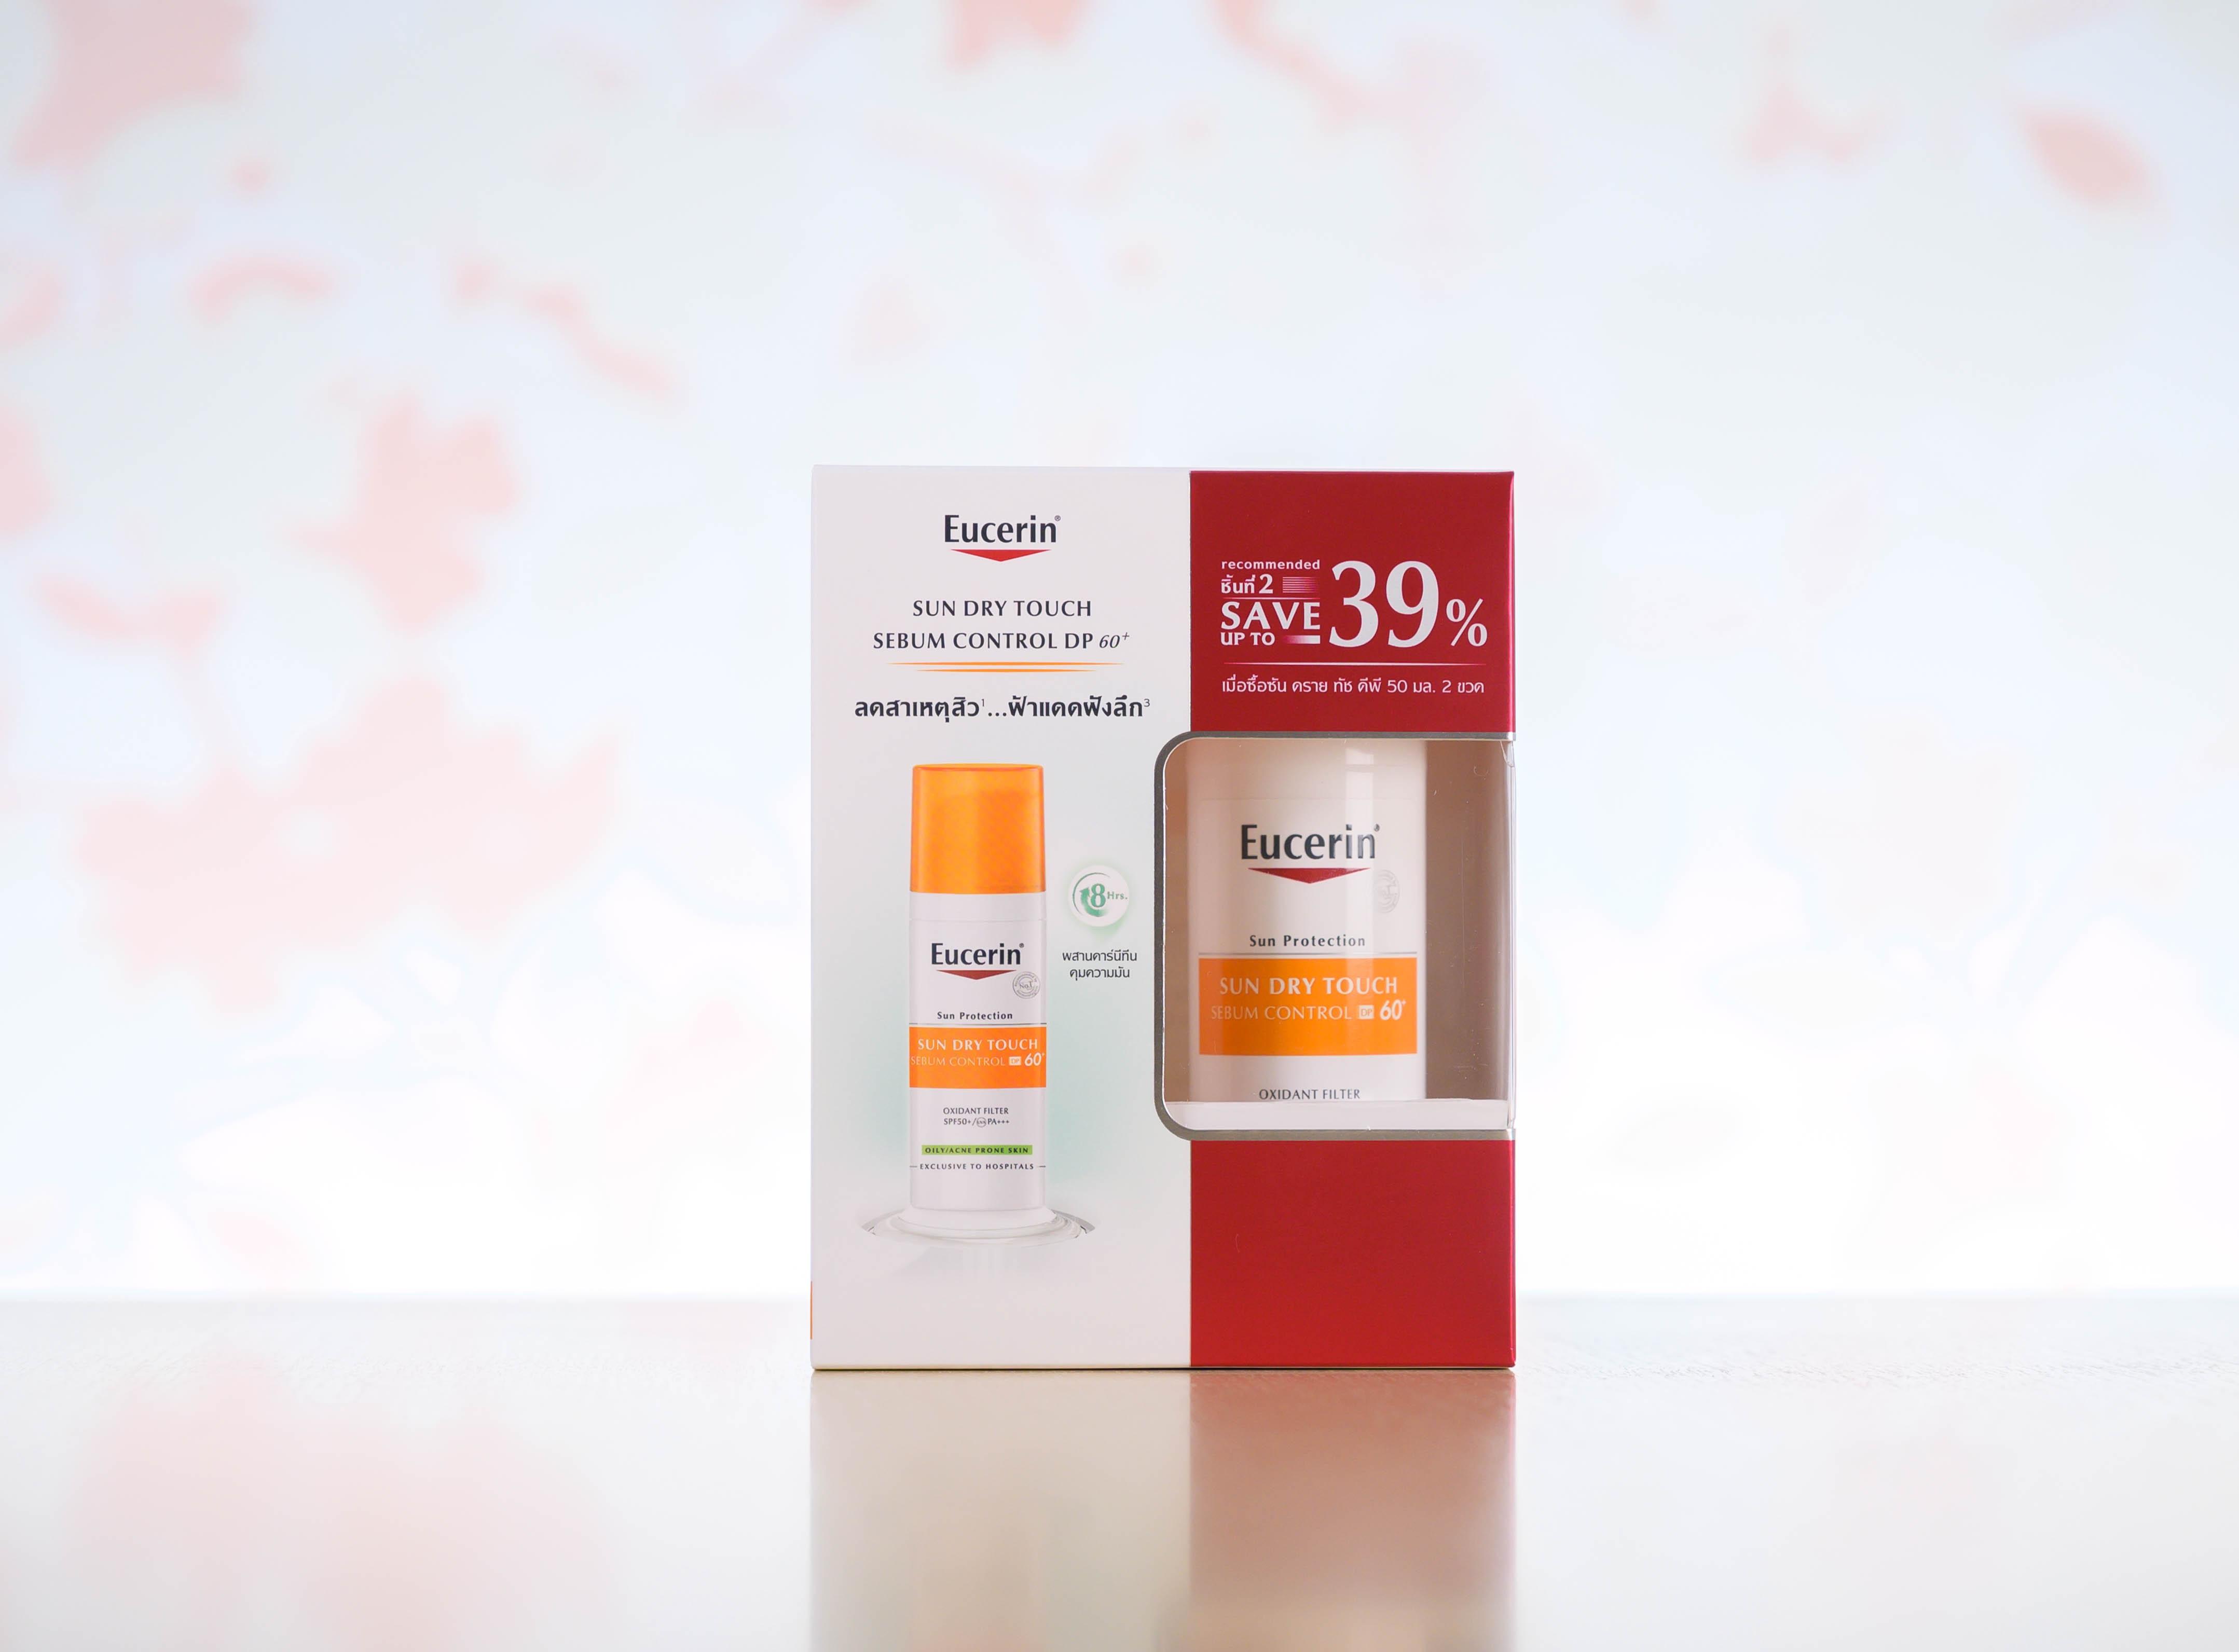 Eucerin sun dry touch DP 60+